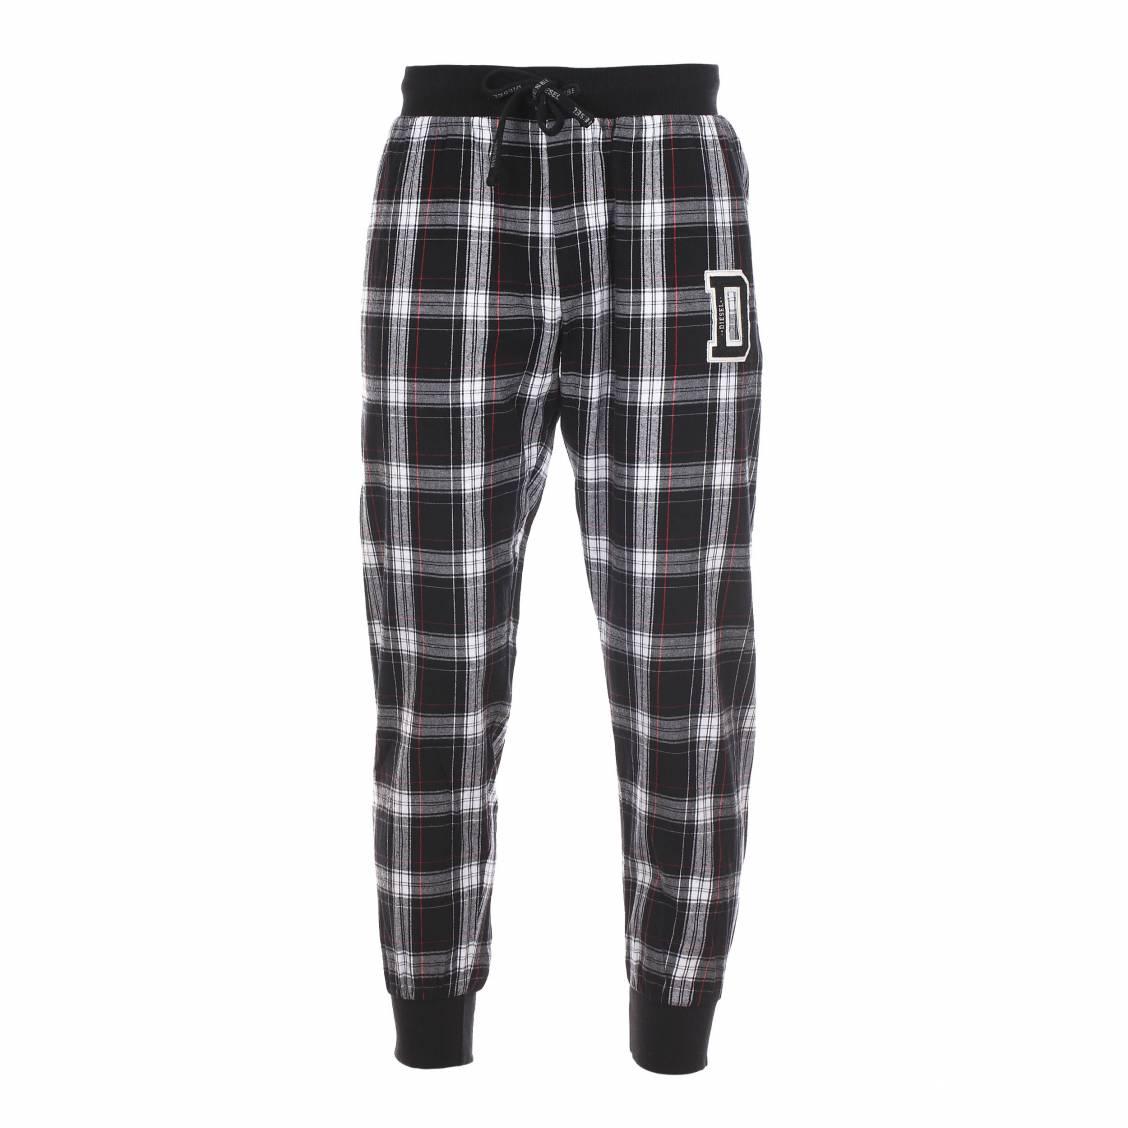 pantalon d 39 int rieur diesel 100 coton noir carreaux rouges et blancs rue des hommes. Black Bedroom Furniture Sets. Home Design Ideas